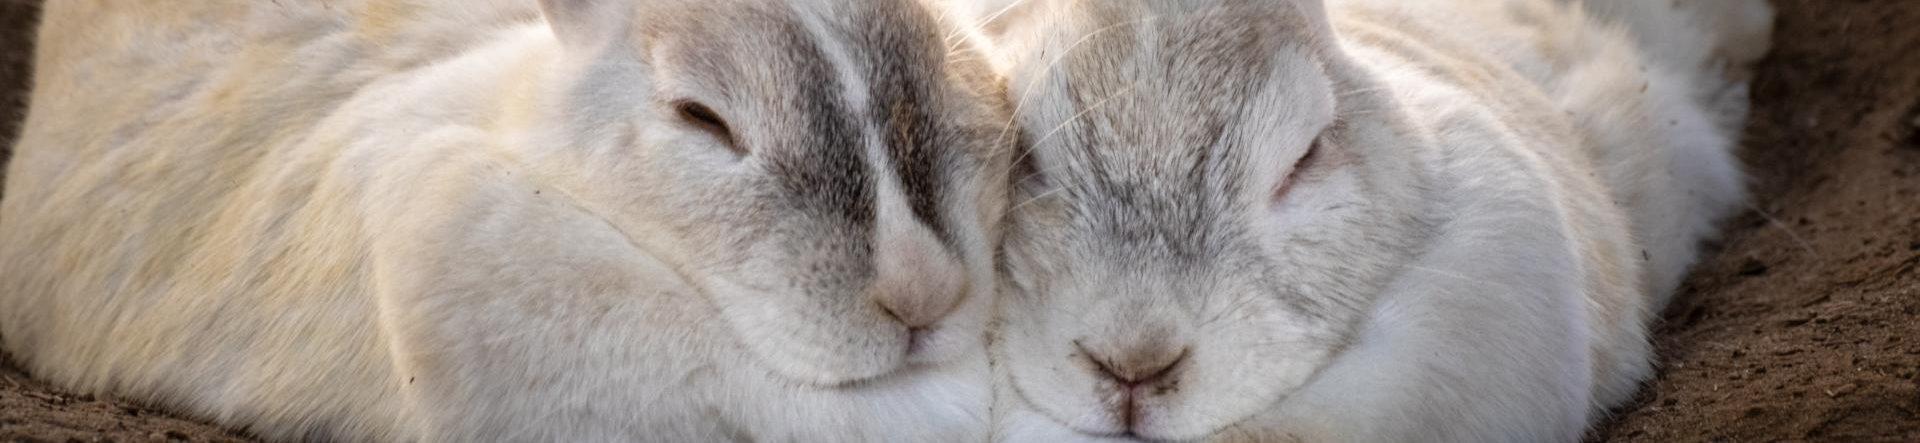 Aflivning af kanin i Kolding – tryg og omsorgsfuld | Dyrlægehuset Kolding